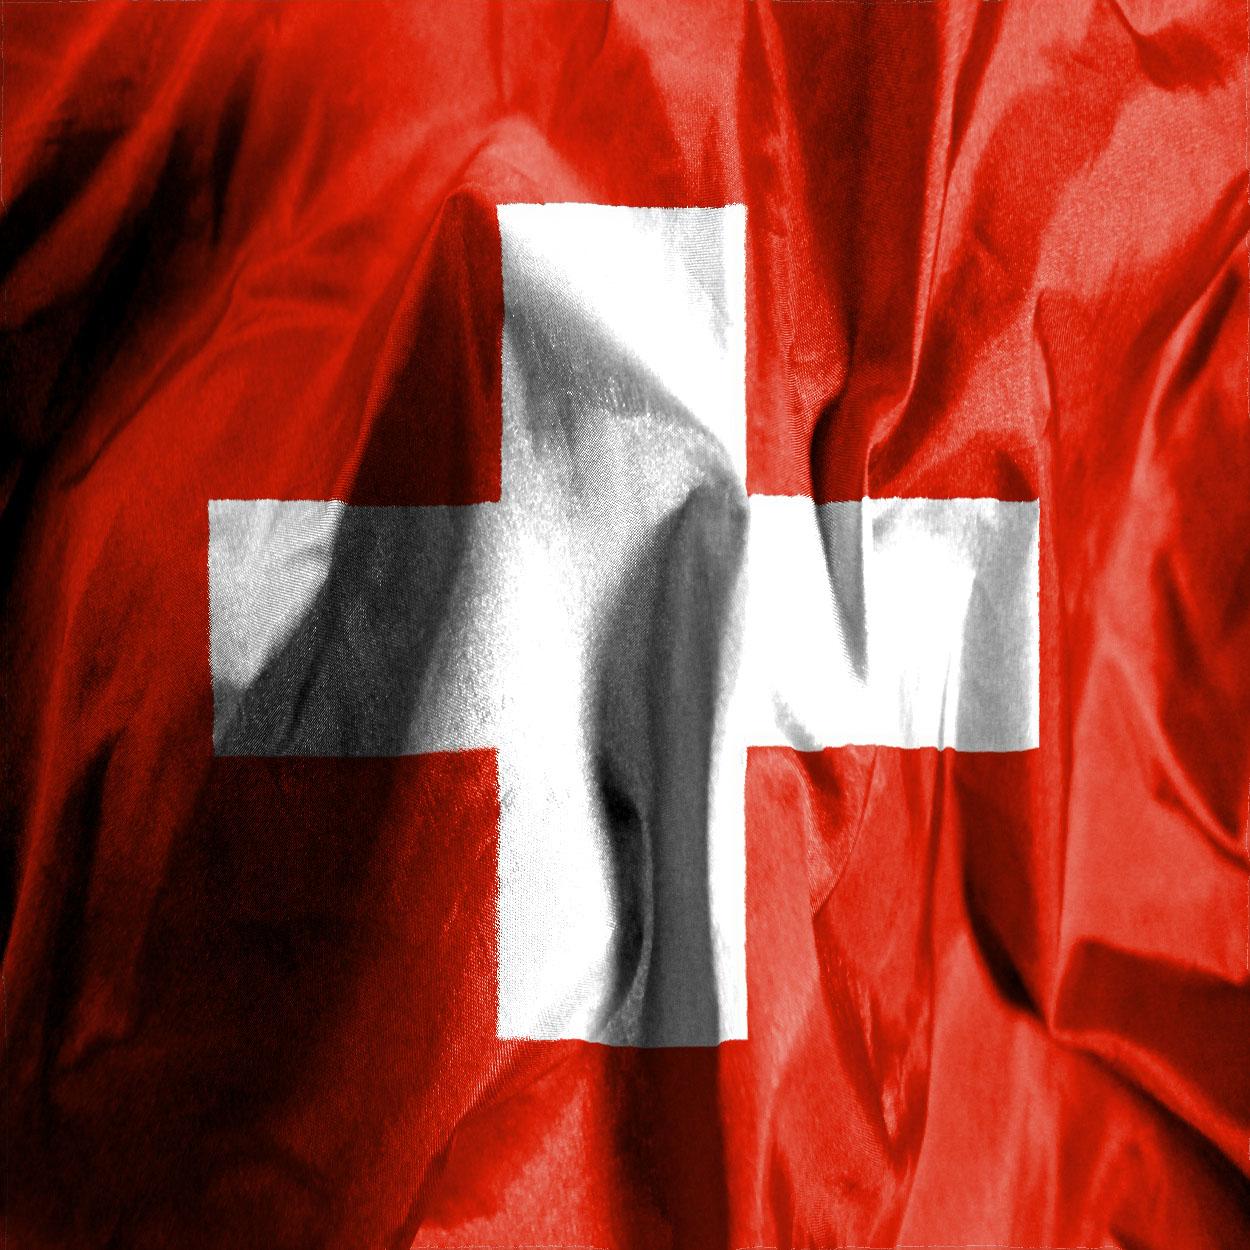 Vacas com chifres, símbolo nacional da Suíça, vão a referendo